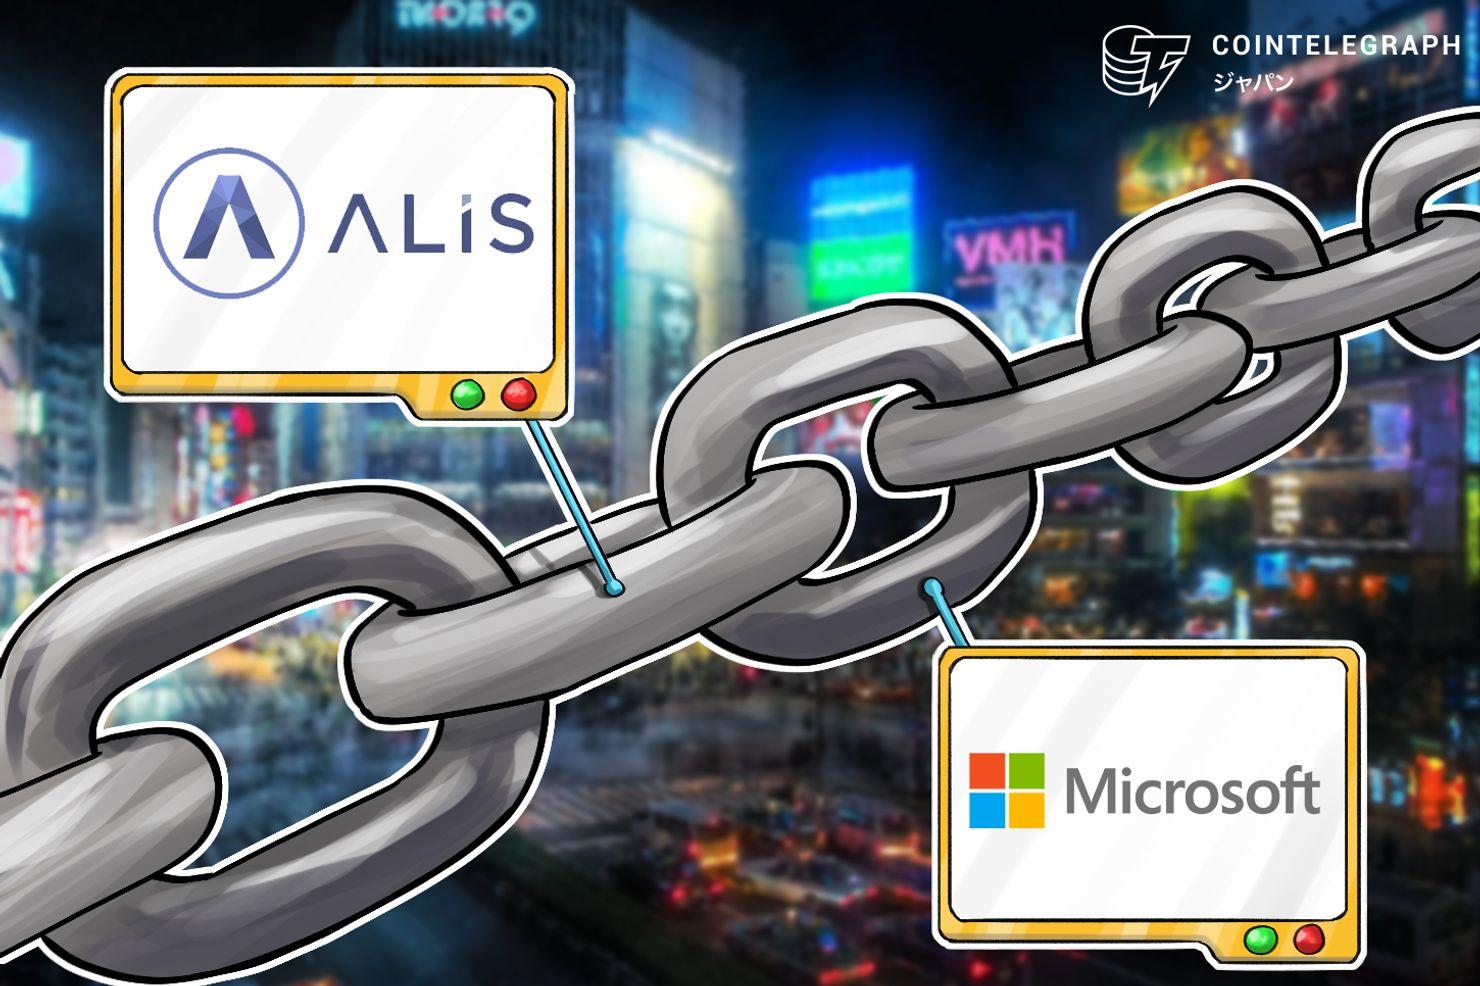 Alis トークン 日本マイクロソフト、alisと投げ銭api開発へ | cointelegraph